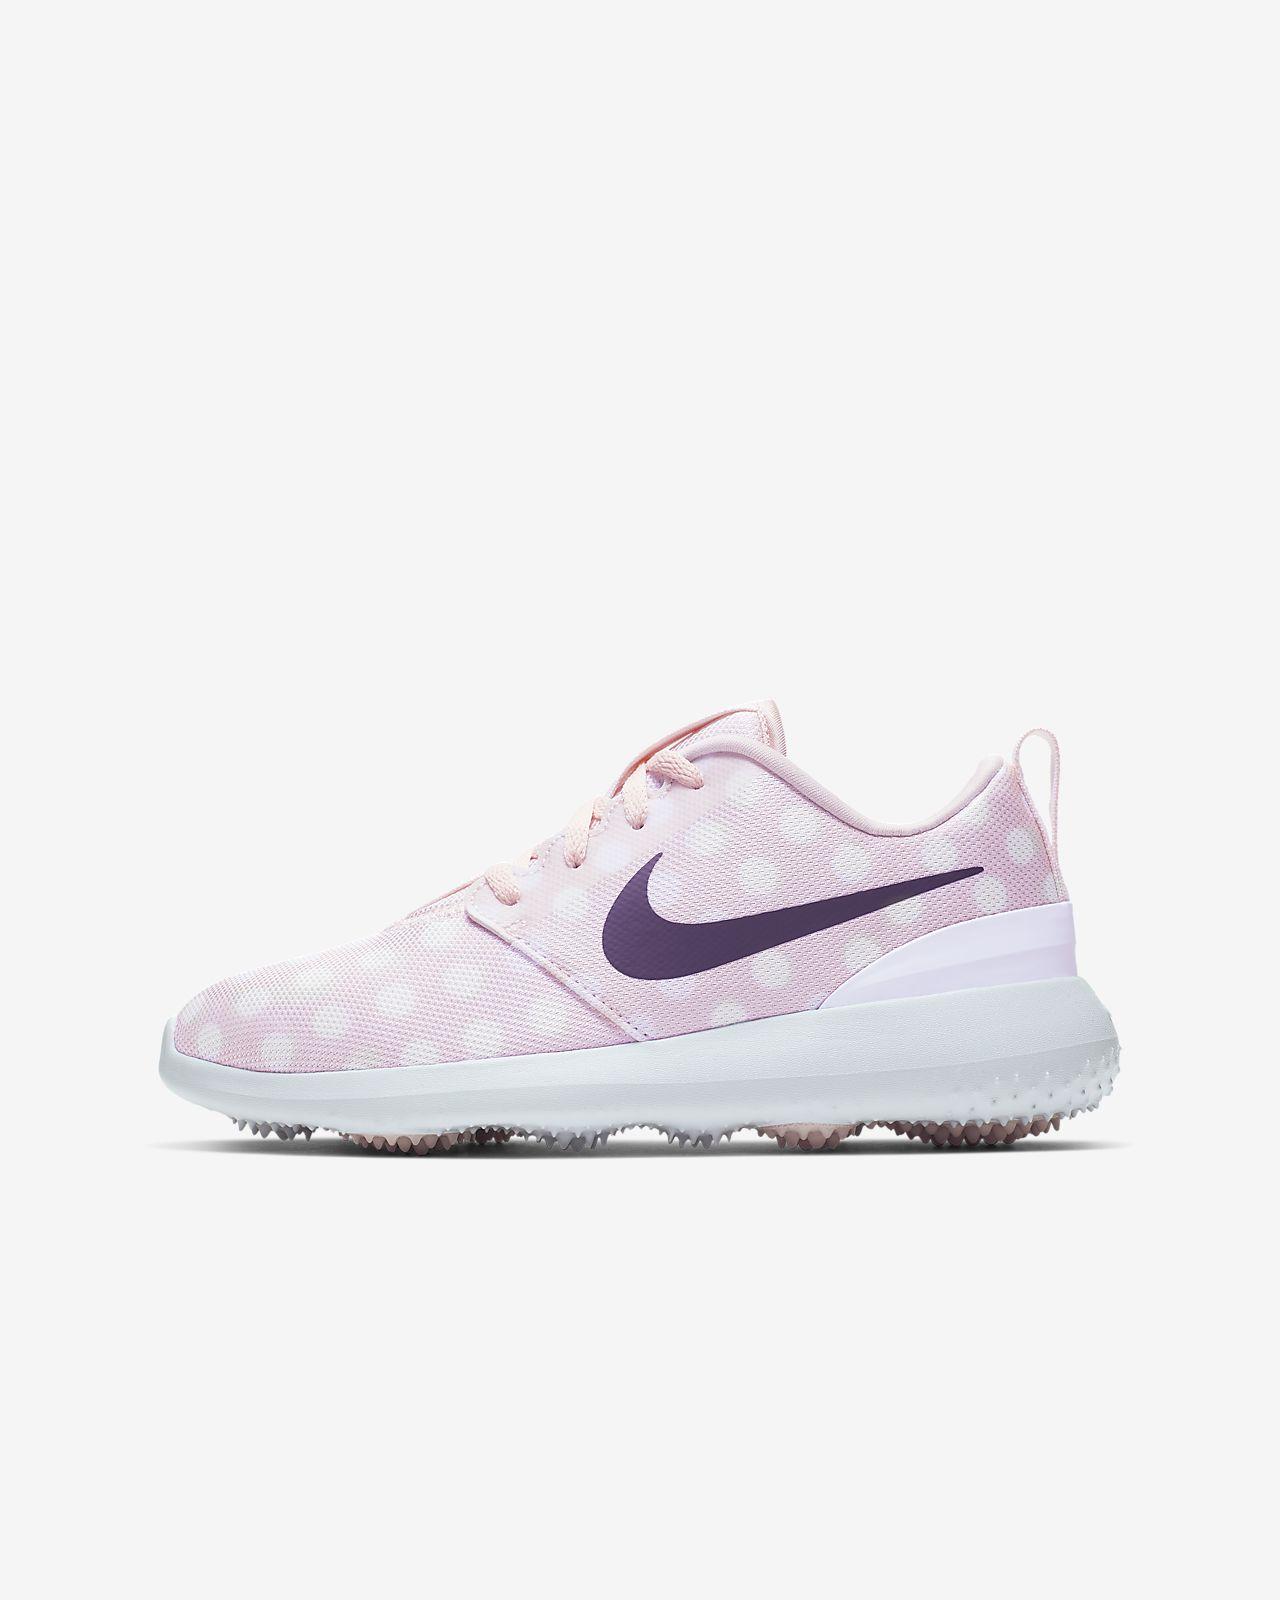 Nike Roshe Jr. Zapatillas de golf - Niño/a y niño/a pequeño/a